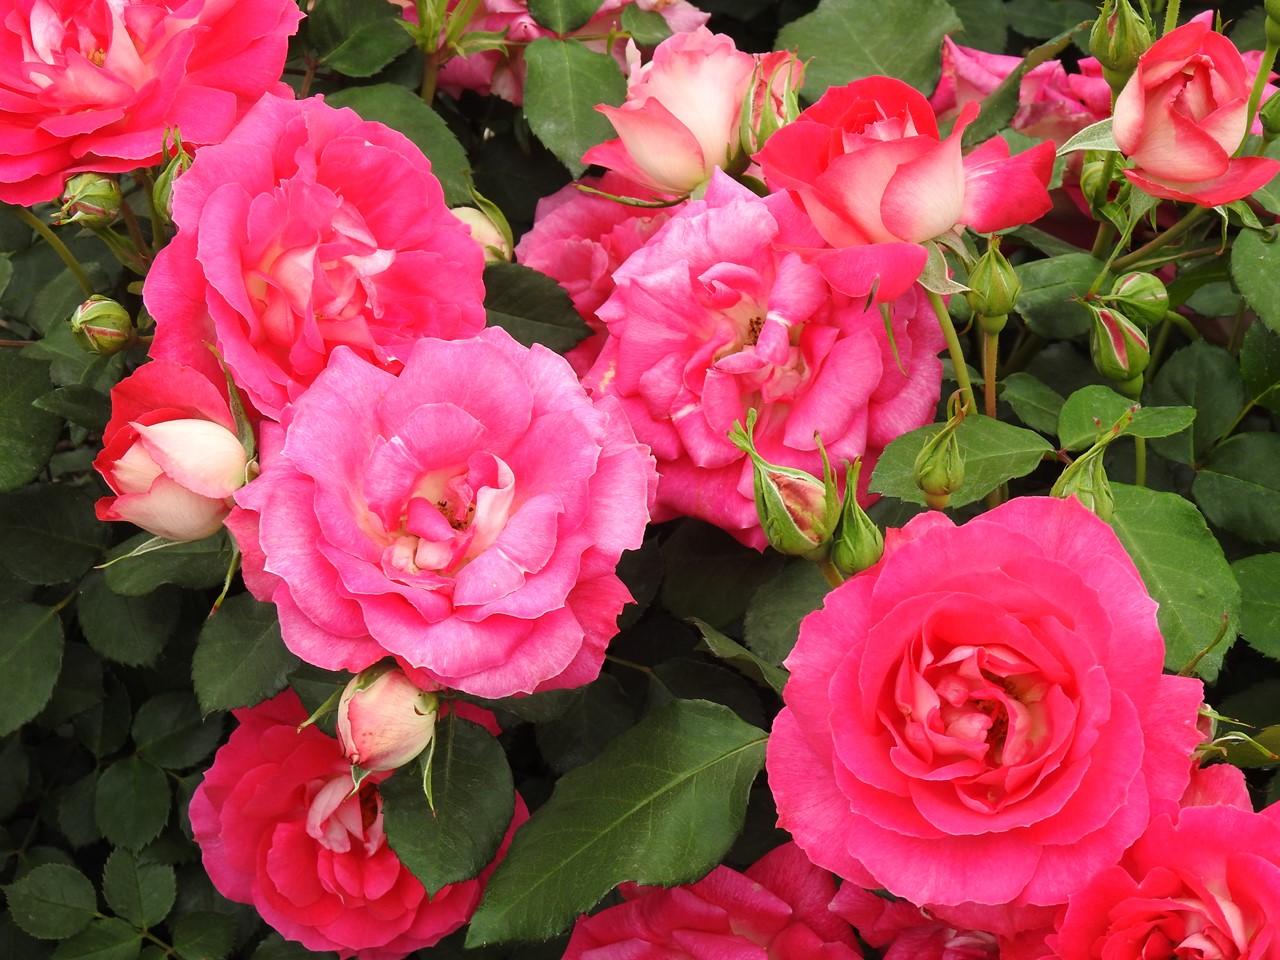 『大野町バラ公園のバラとサクランボ』_d0054276_20183799.jpg